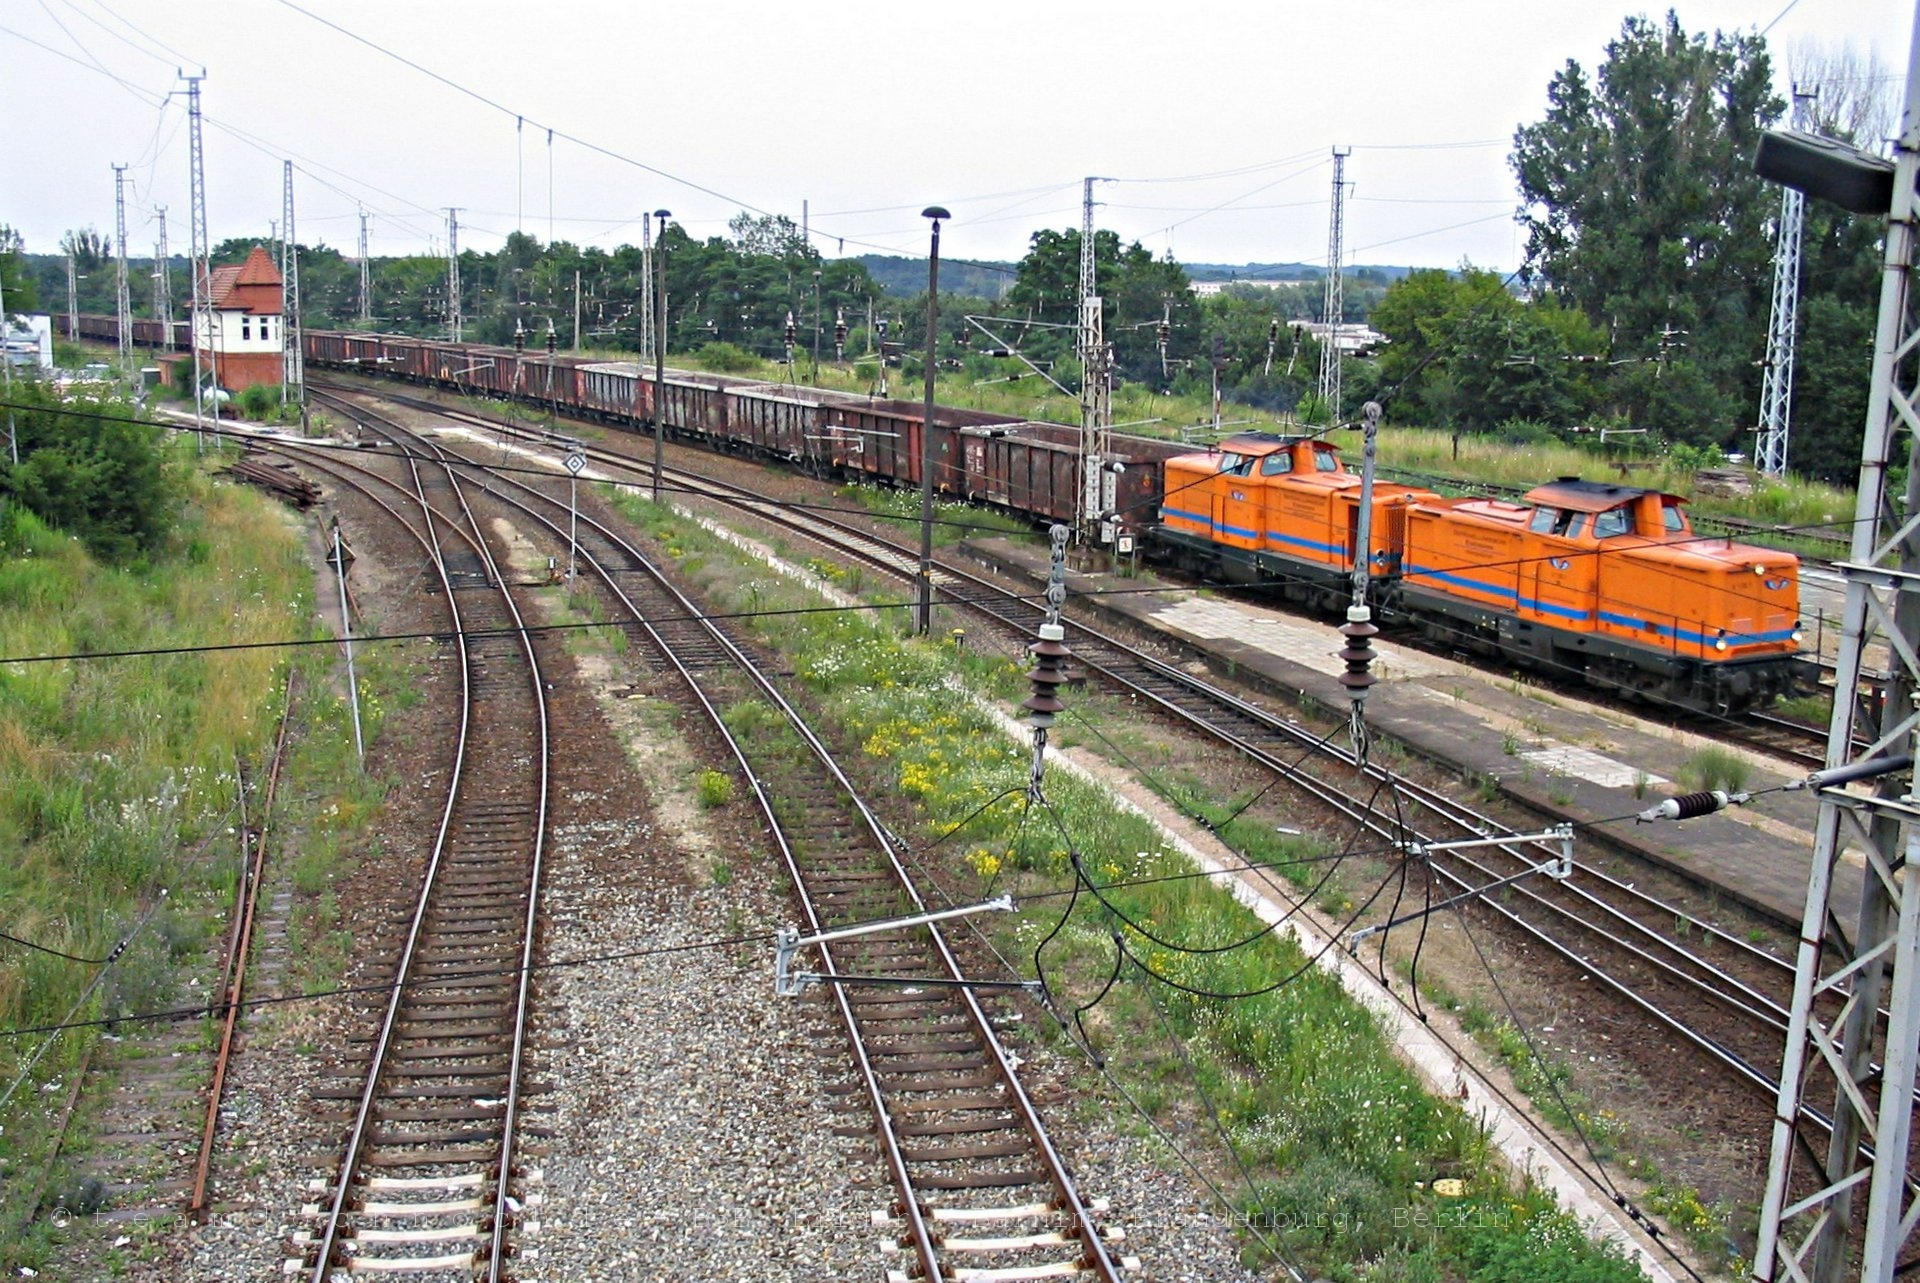 Zwei DB V100 eines mir unbekannten EVU bei Einfahrt in den Bahnhof Eberswalde